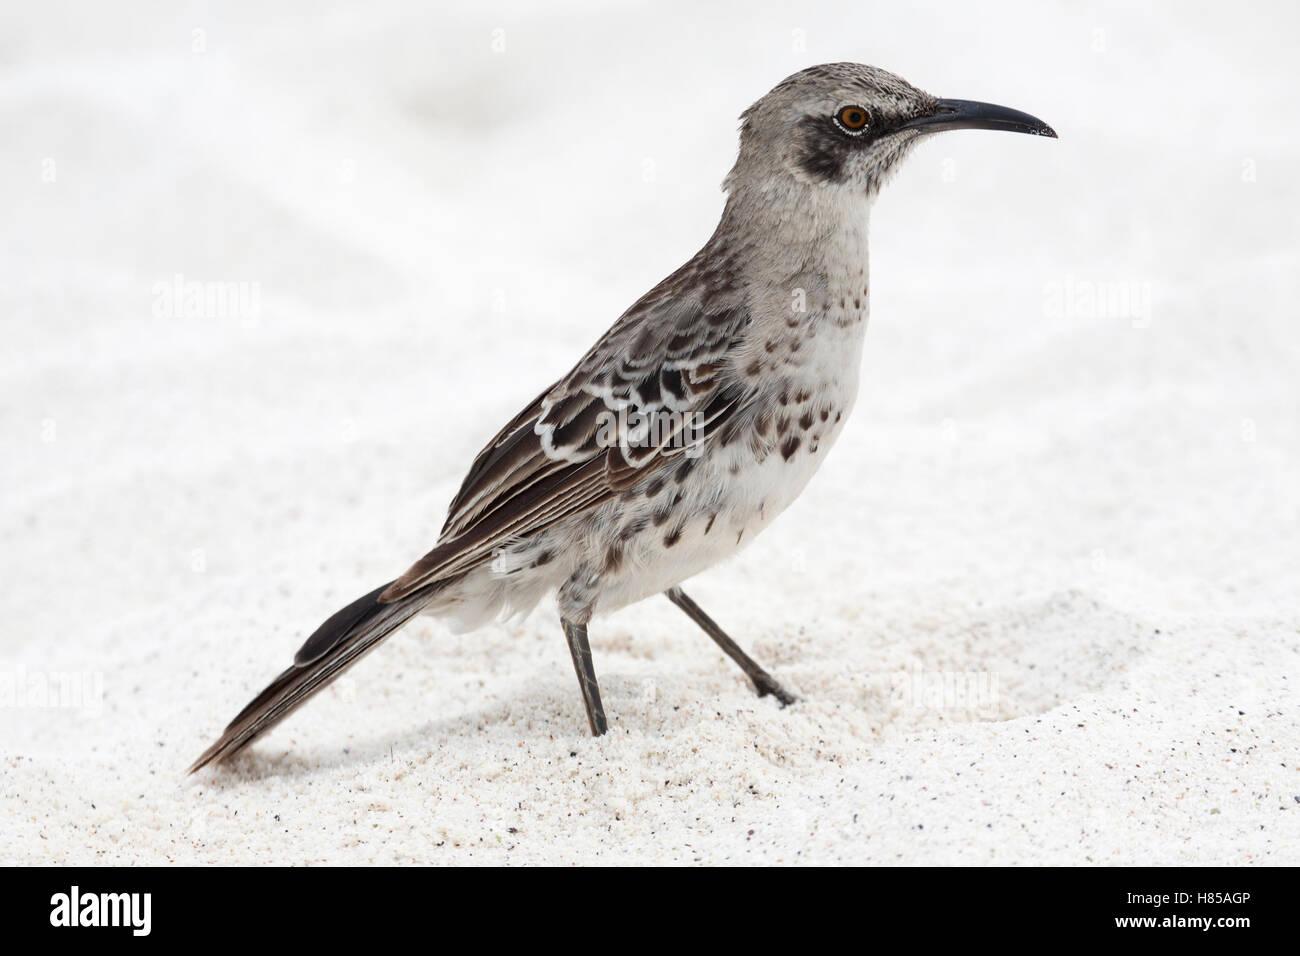 Espanola Mockingbird (Mimus macdonaldi), également connu sous le nom de Hood Mockingbird, sur la plage de Galapagos Banque D'Images